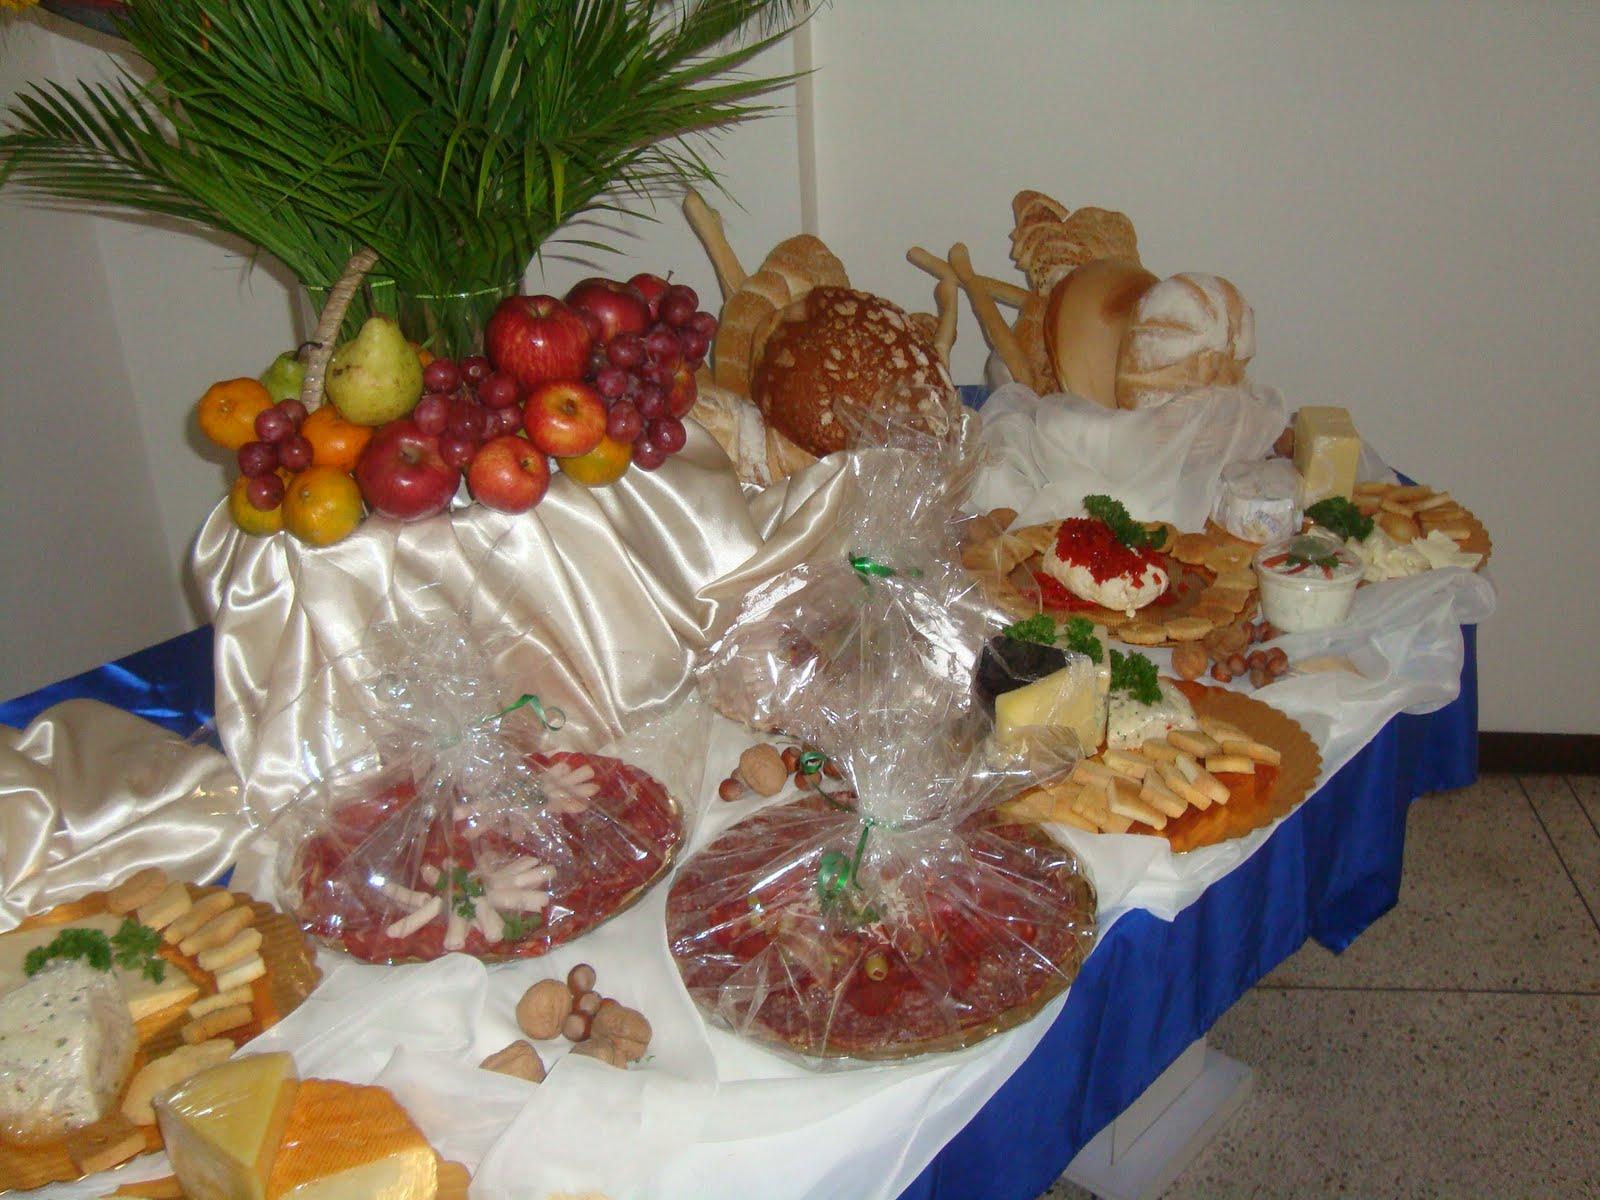 Todo para fiestas decoraciones y manualidades mesas de for Todo decoraciones